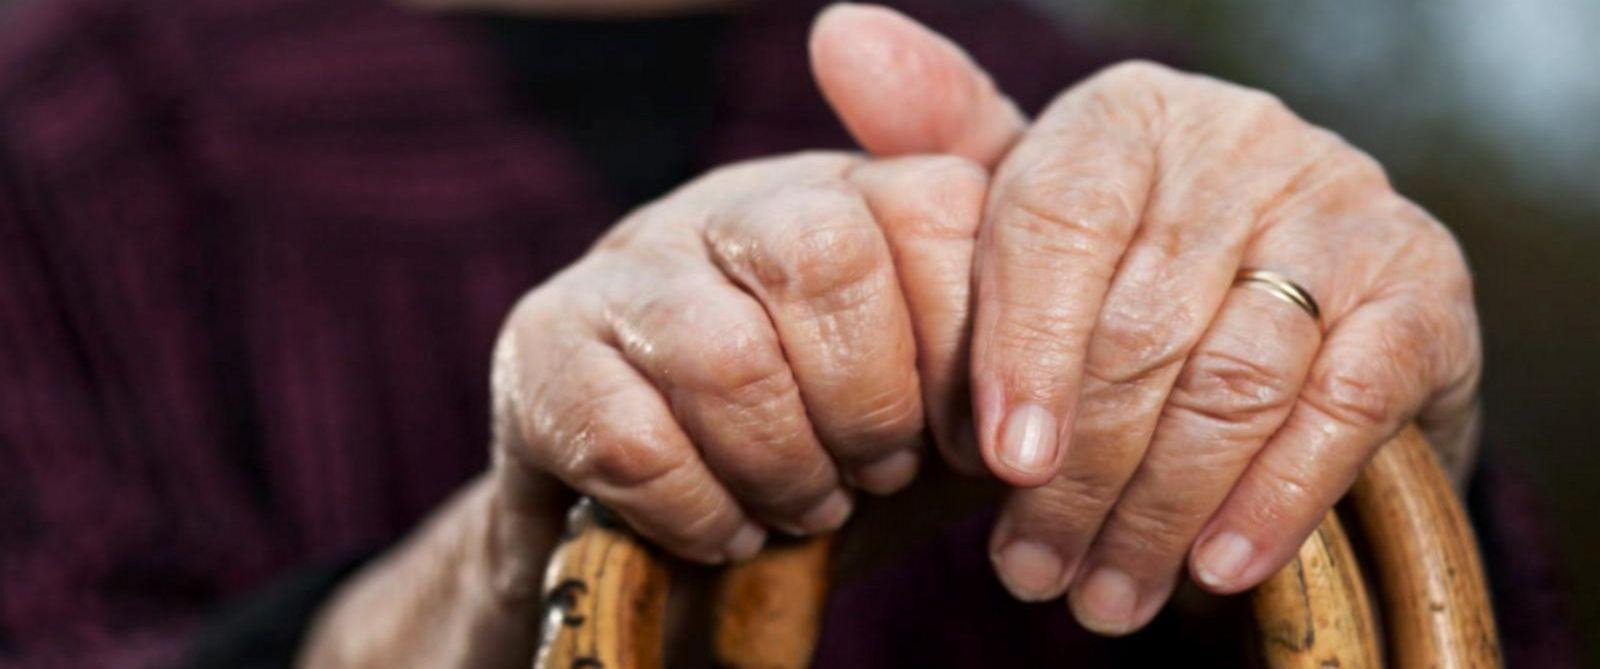 VIDEO: Alzheimer's disease: The basics